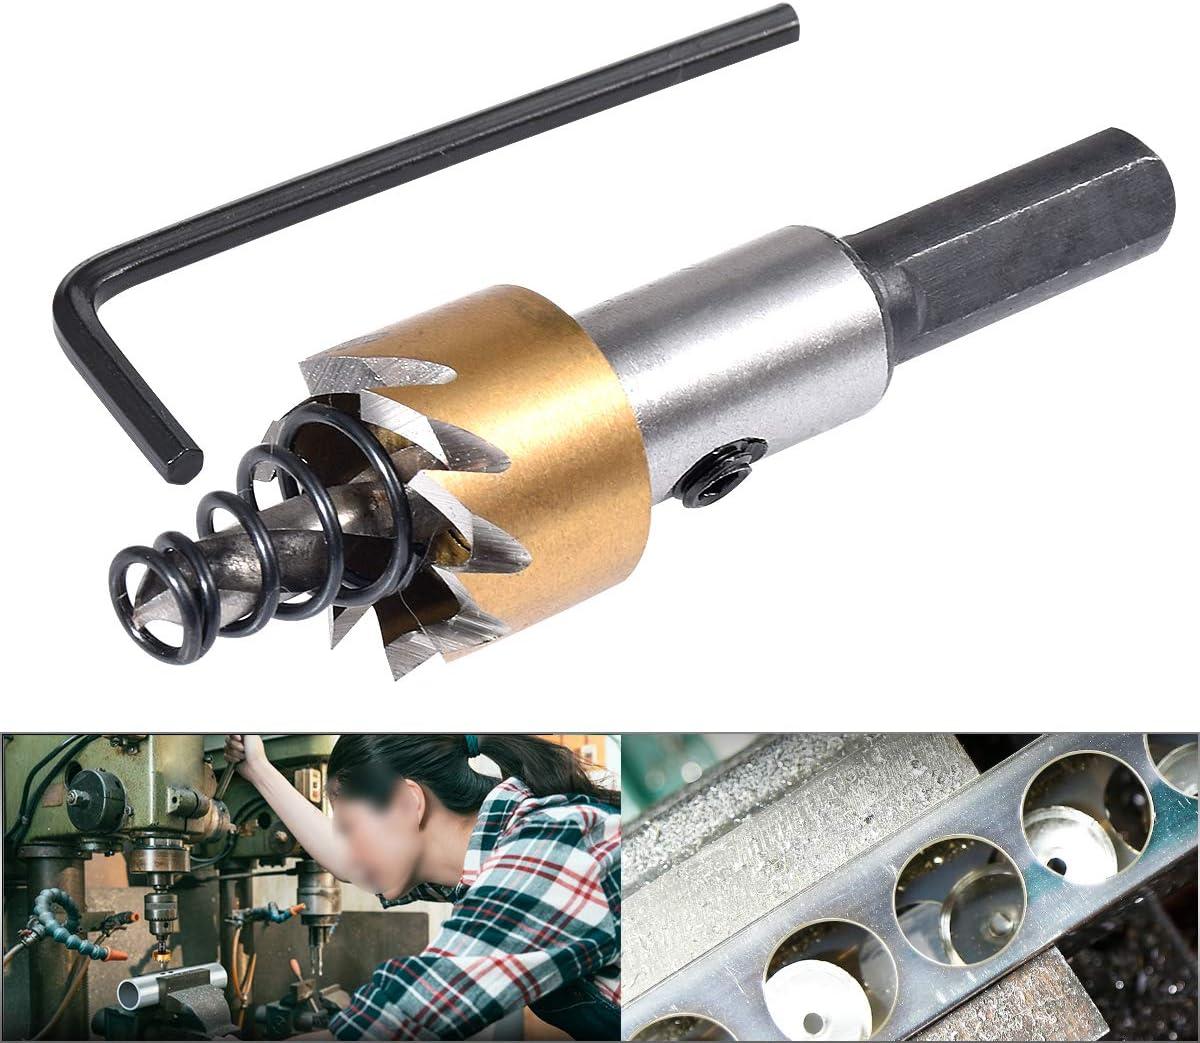 aleaci/ón herramienta de corte de abridor de cobalto para madera 30 mm Kit de dientes de sierra de agujero de broca HSS KATUR de 30 mm cortador de metal de acero inoxidable